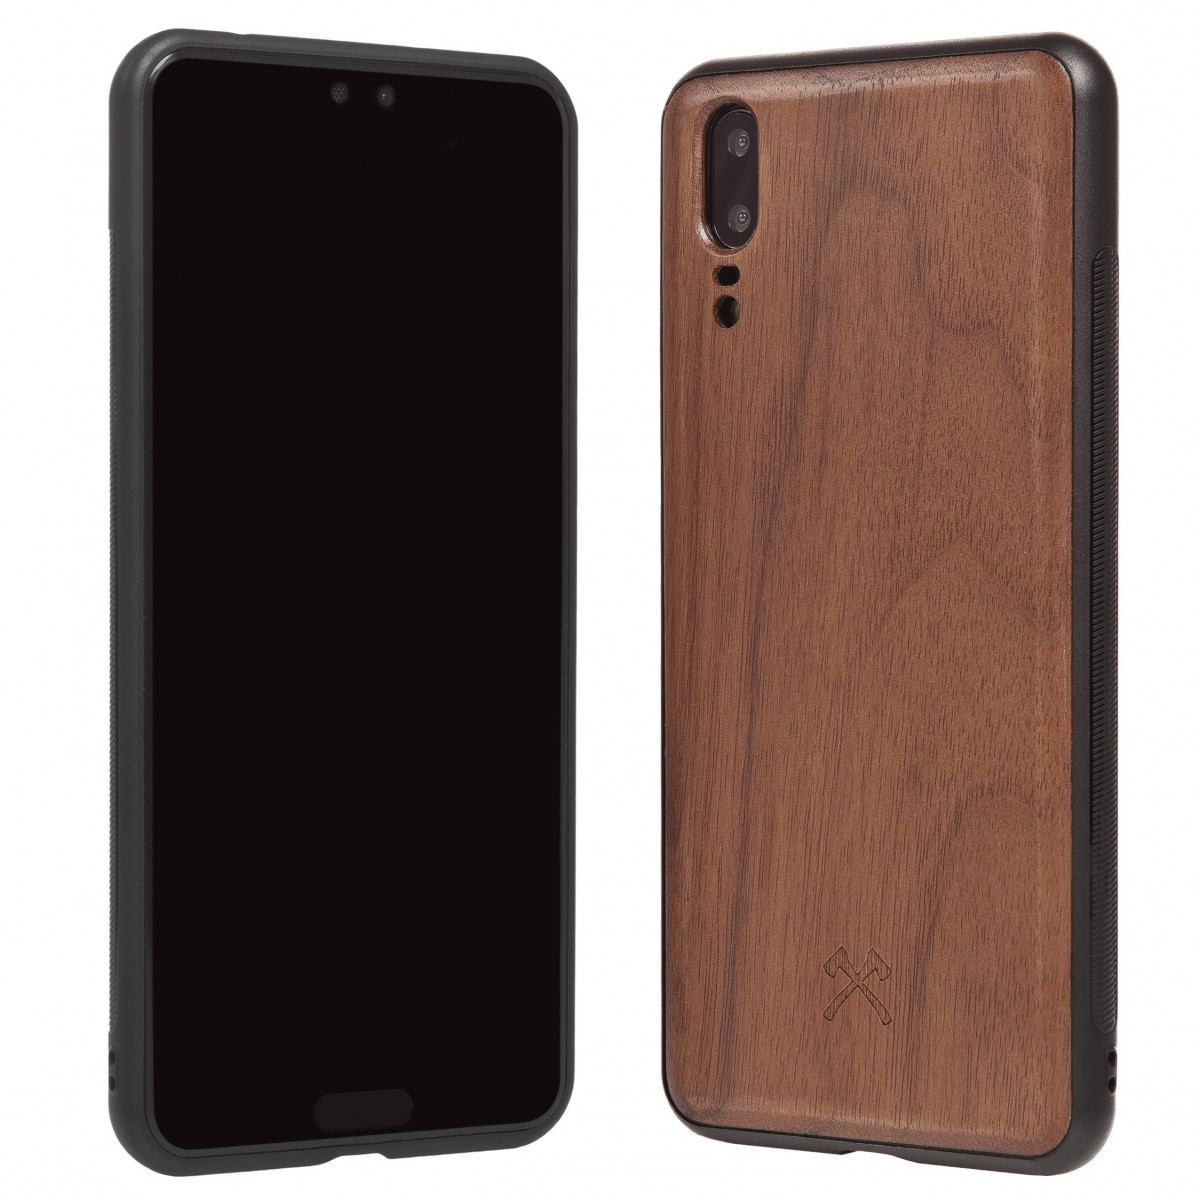 Woodcessories - EcoBump - Premium Design Hülle, Case, Cover, Schutzhülle für das Smartphone aus FSC zertifiziertem Walnuss Holz (Huawei P20)